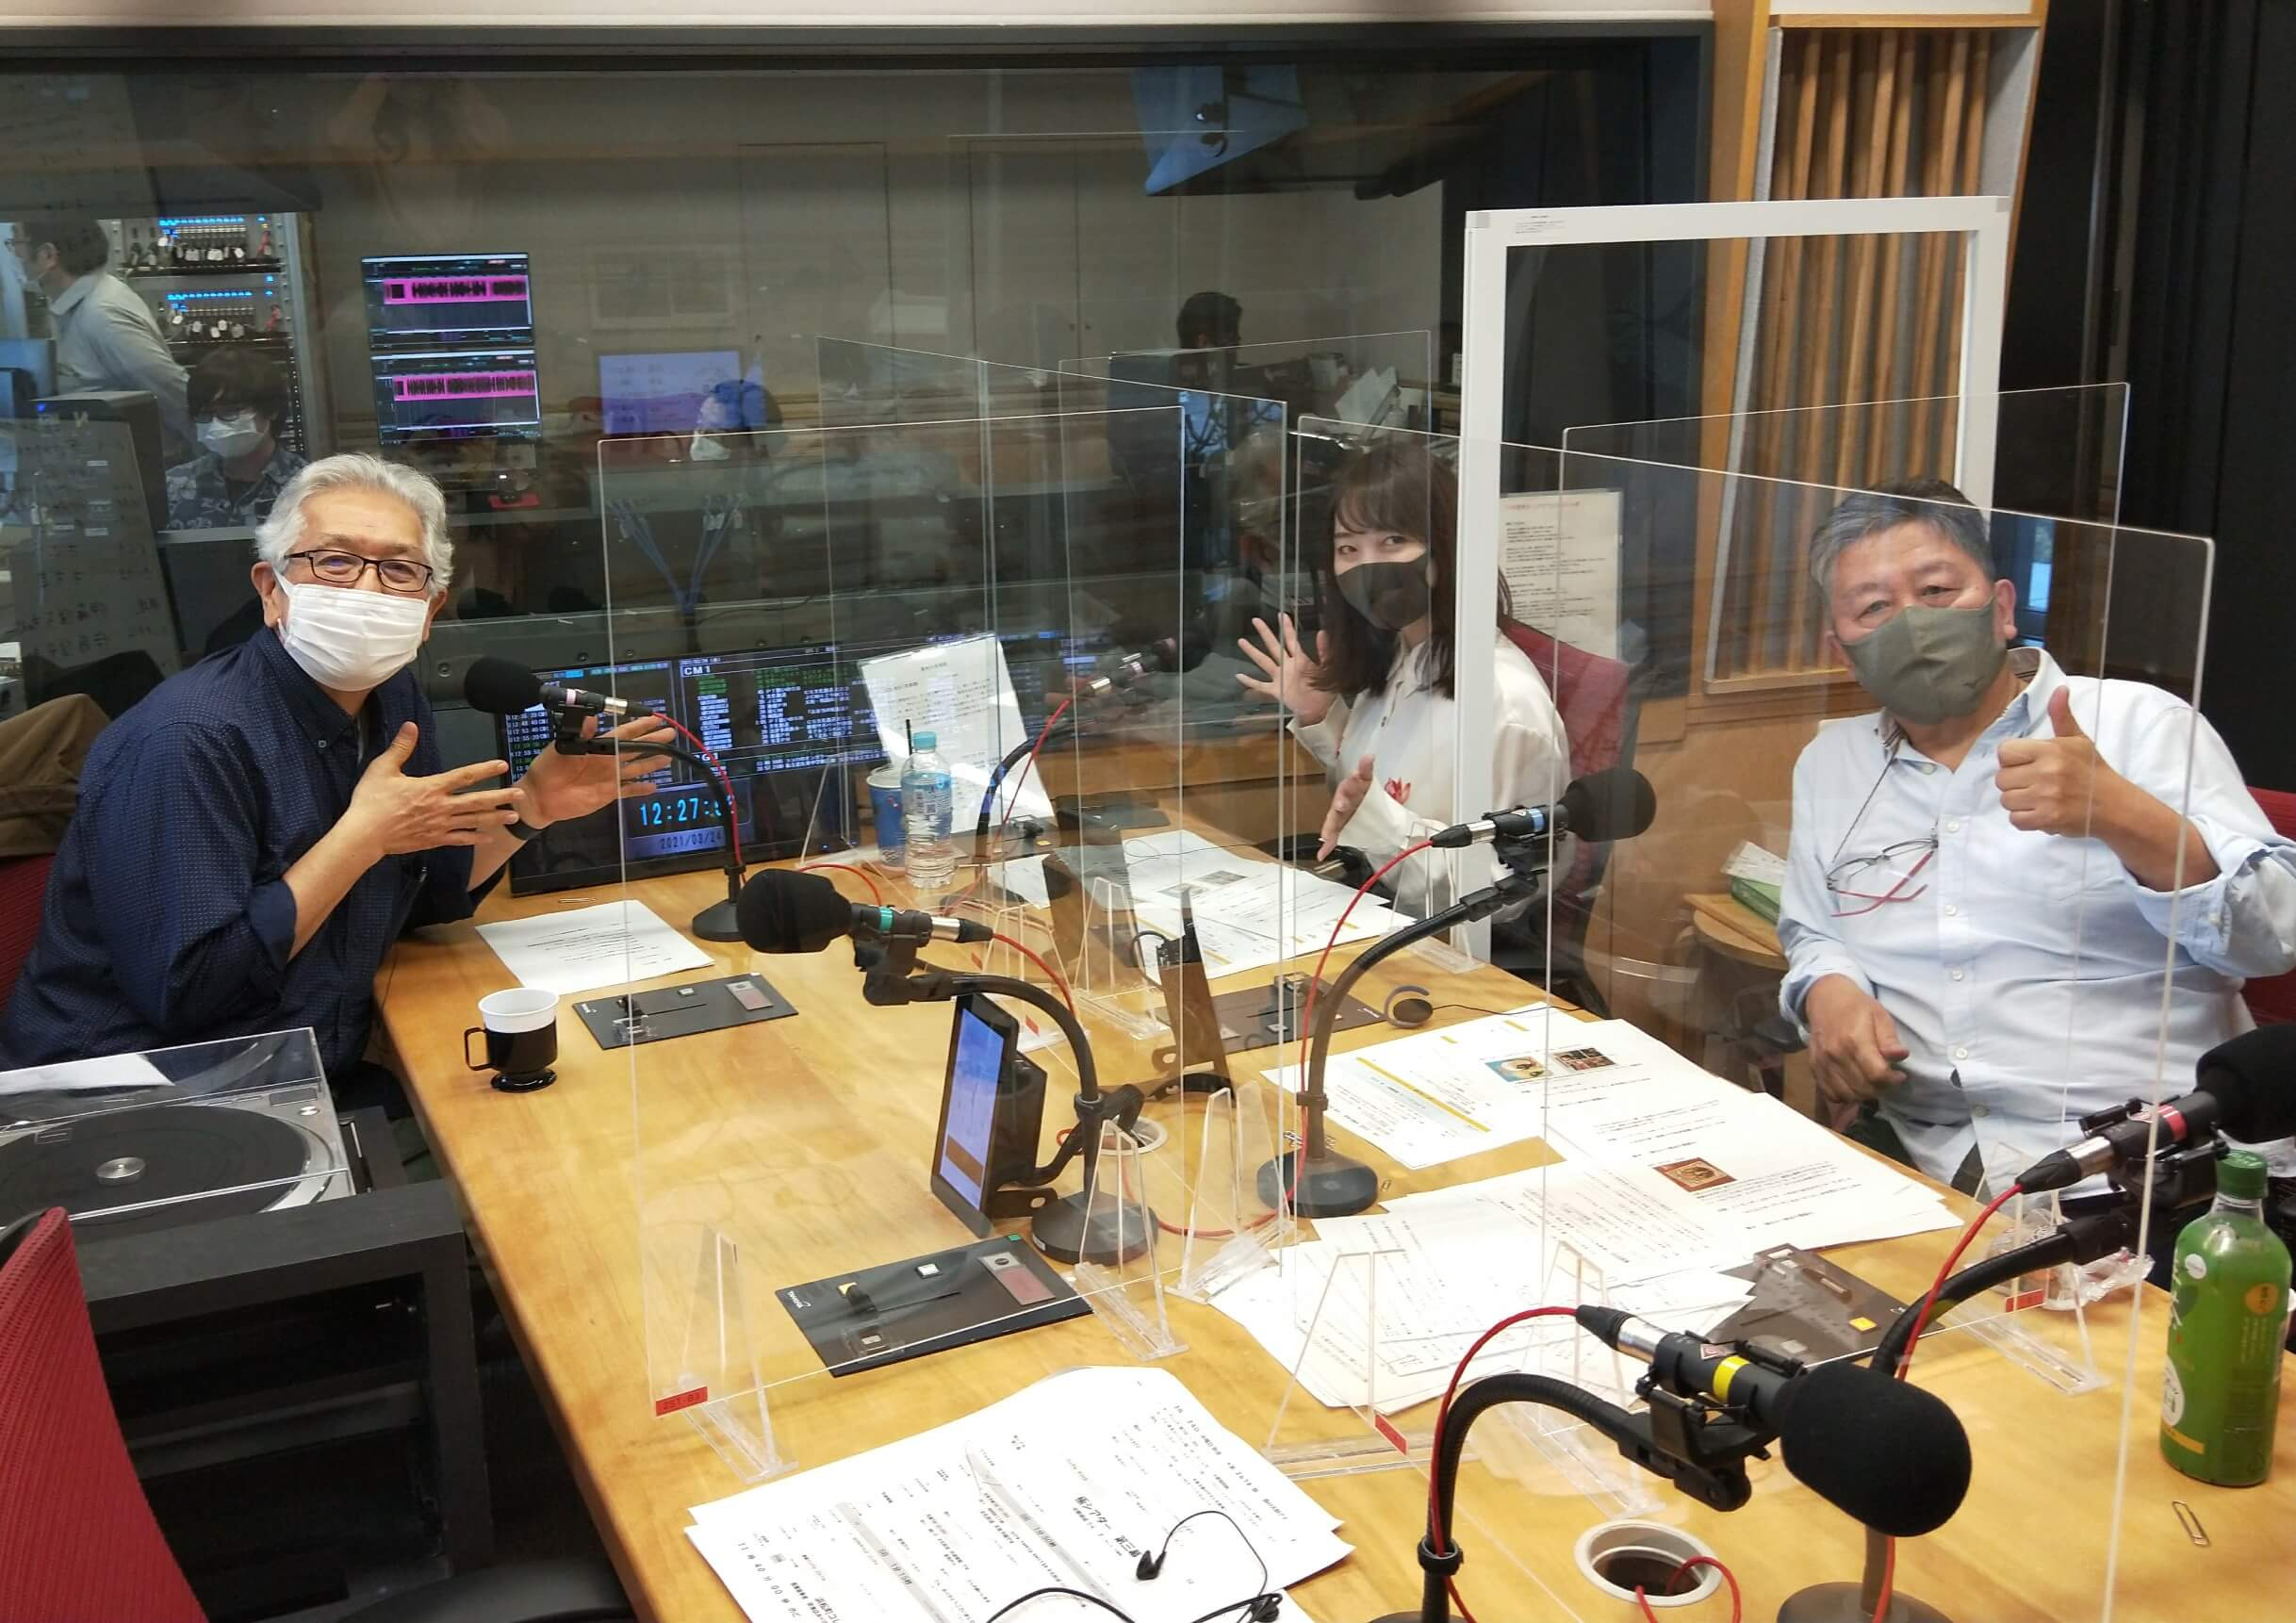 洋楽ジャパンX 萩原健太さんを迎えて 今回は「ハーパース・ビザール」の大特集!(2021年3月24日放送)